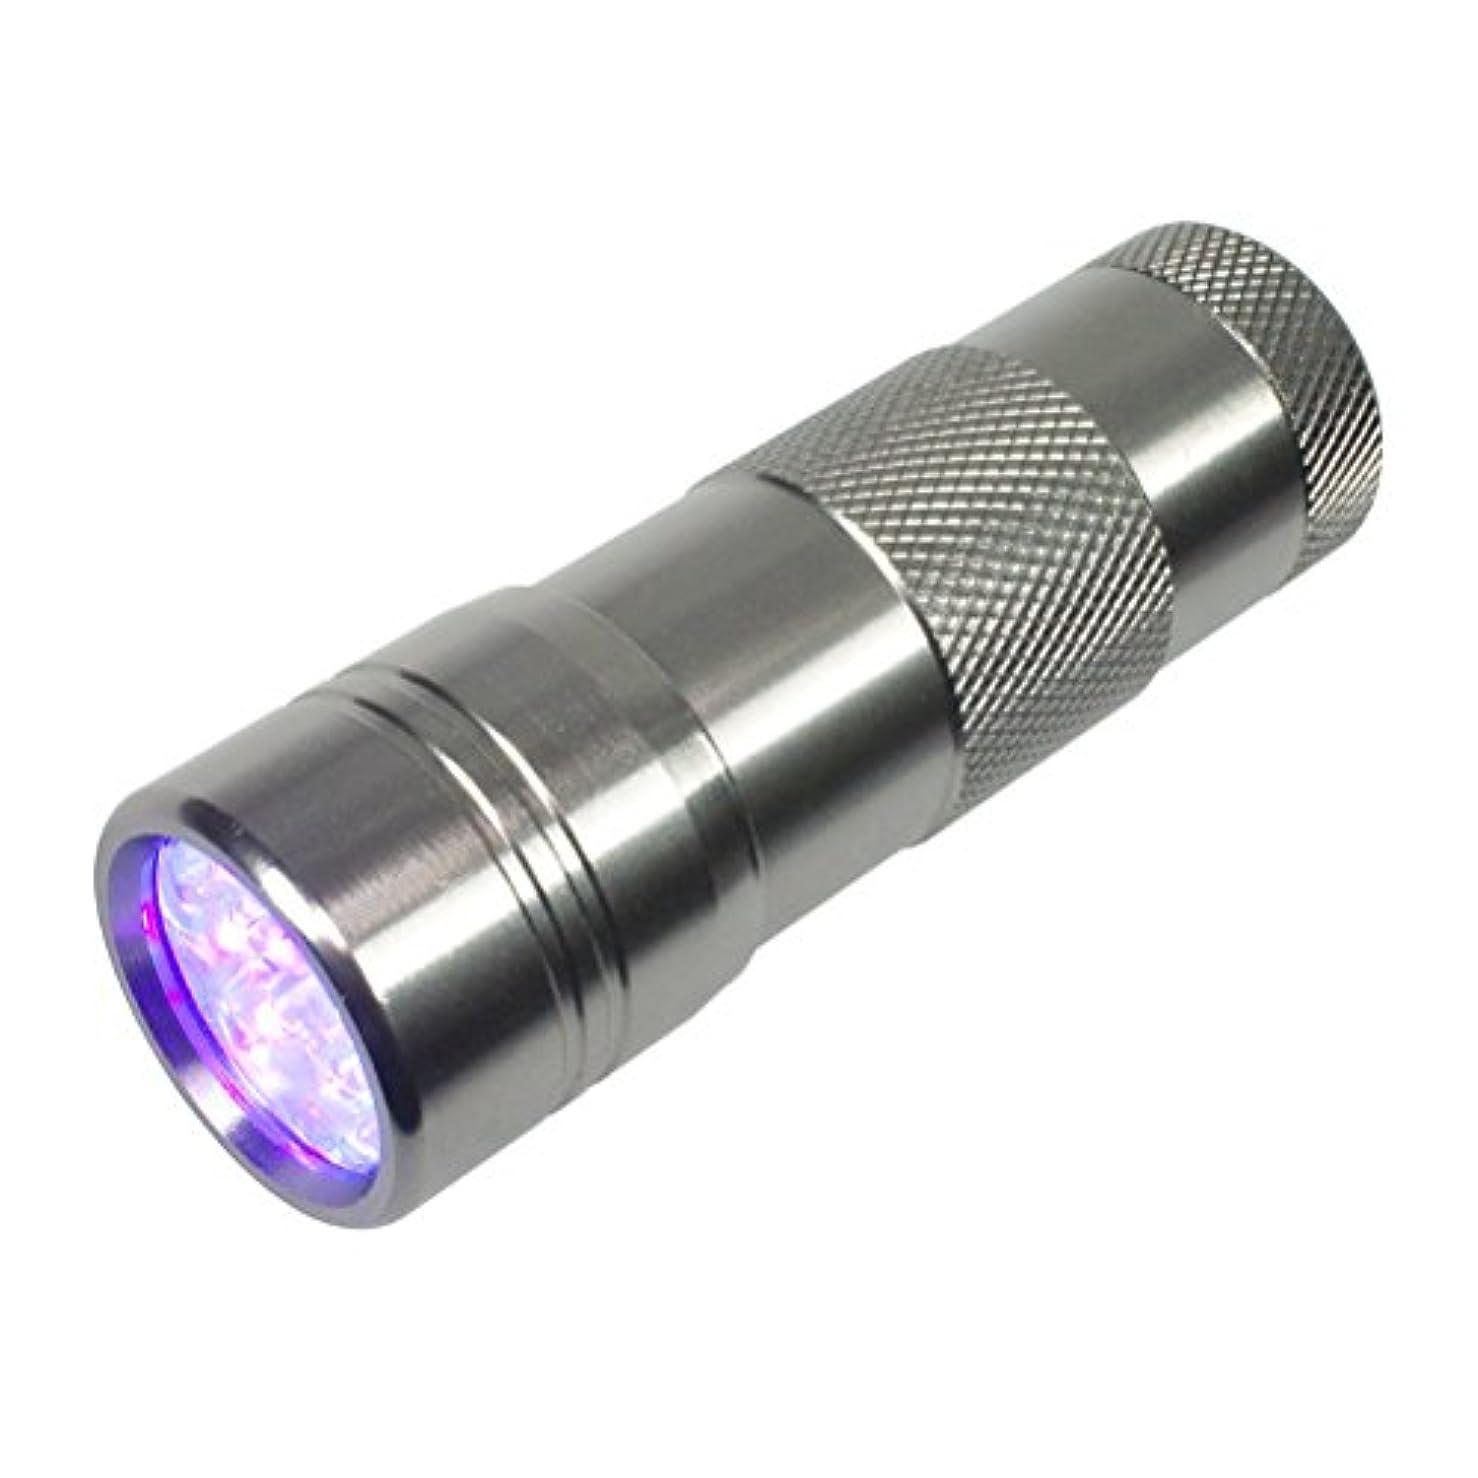 面白い布メロディージェルネイル用UVライト ペン型LEDライト ミニサイズ 携帯用ハンディライト 超高速硬化 ジェルネイル用